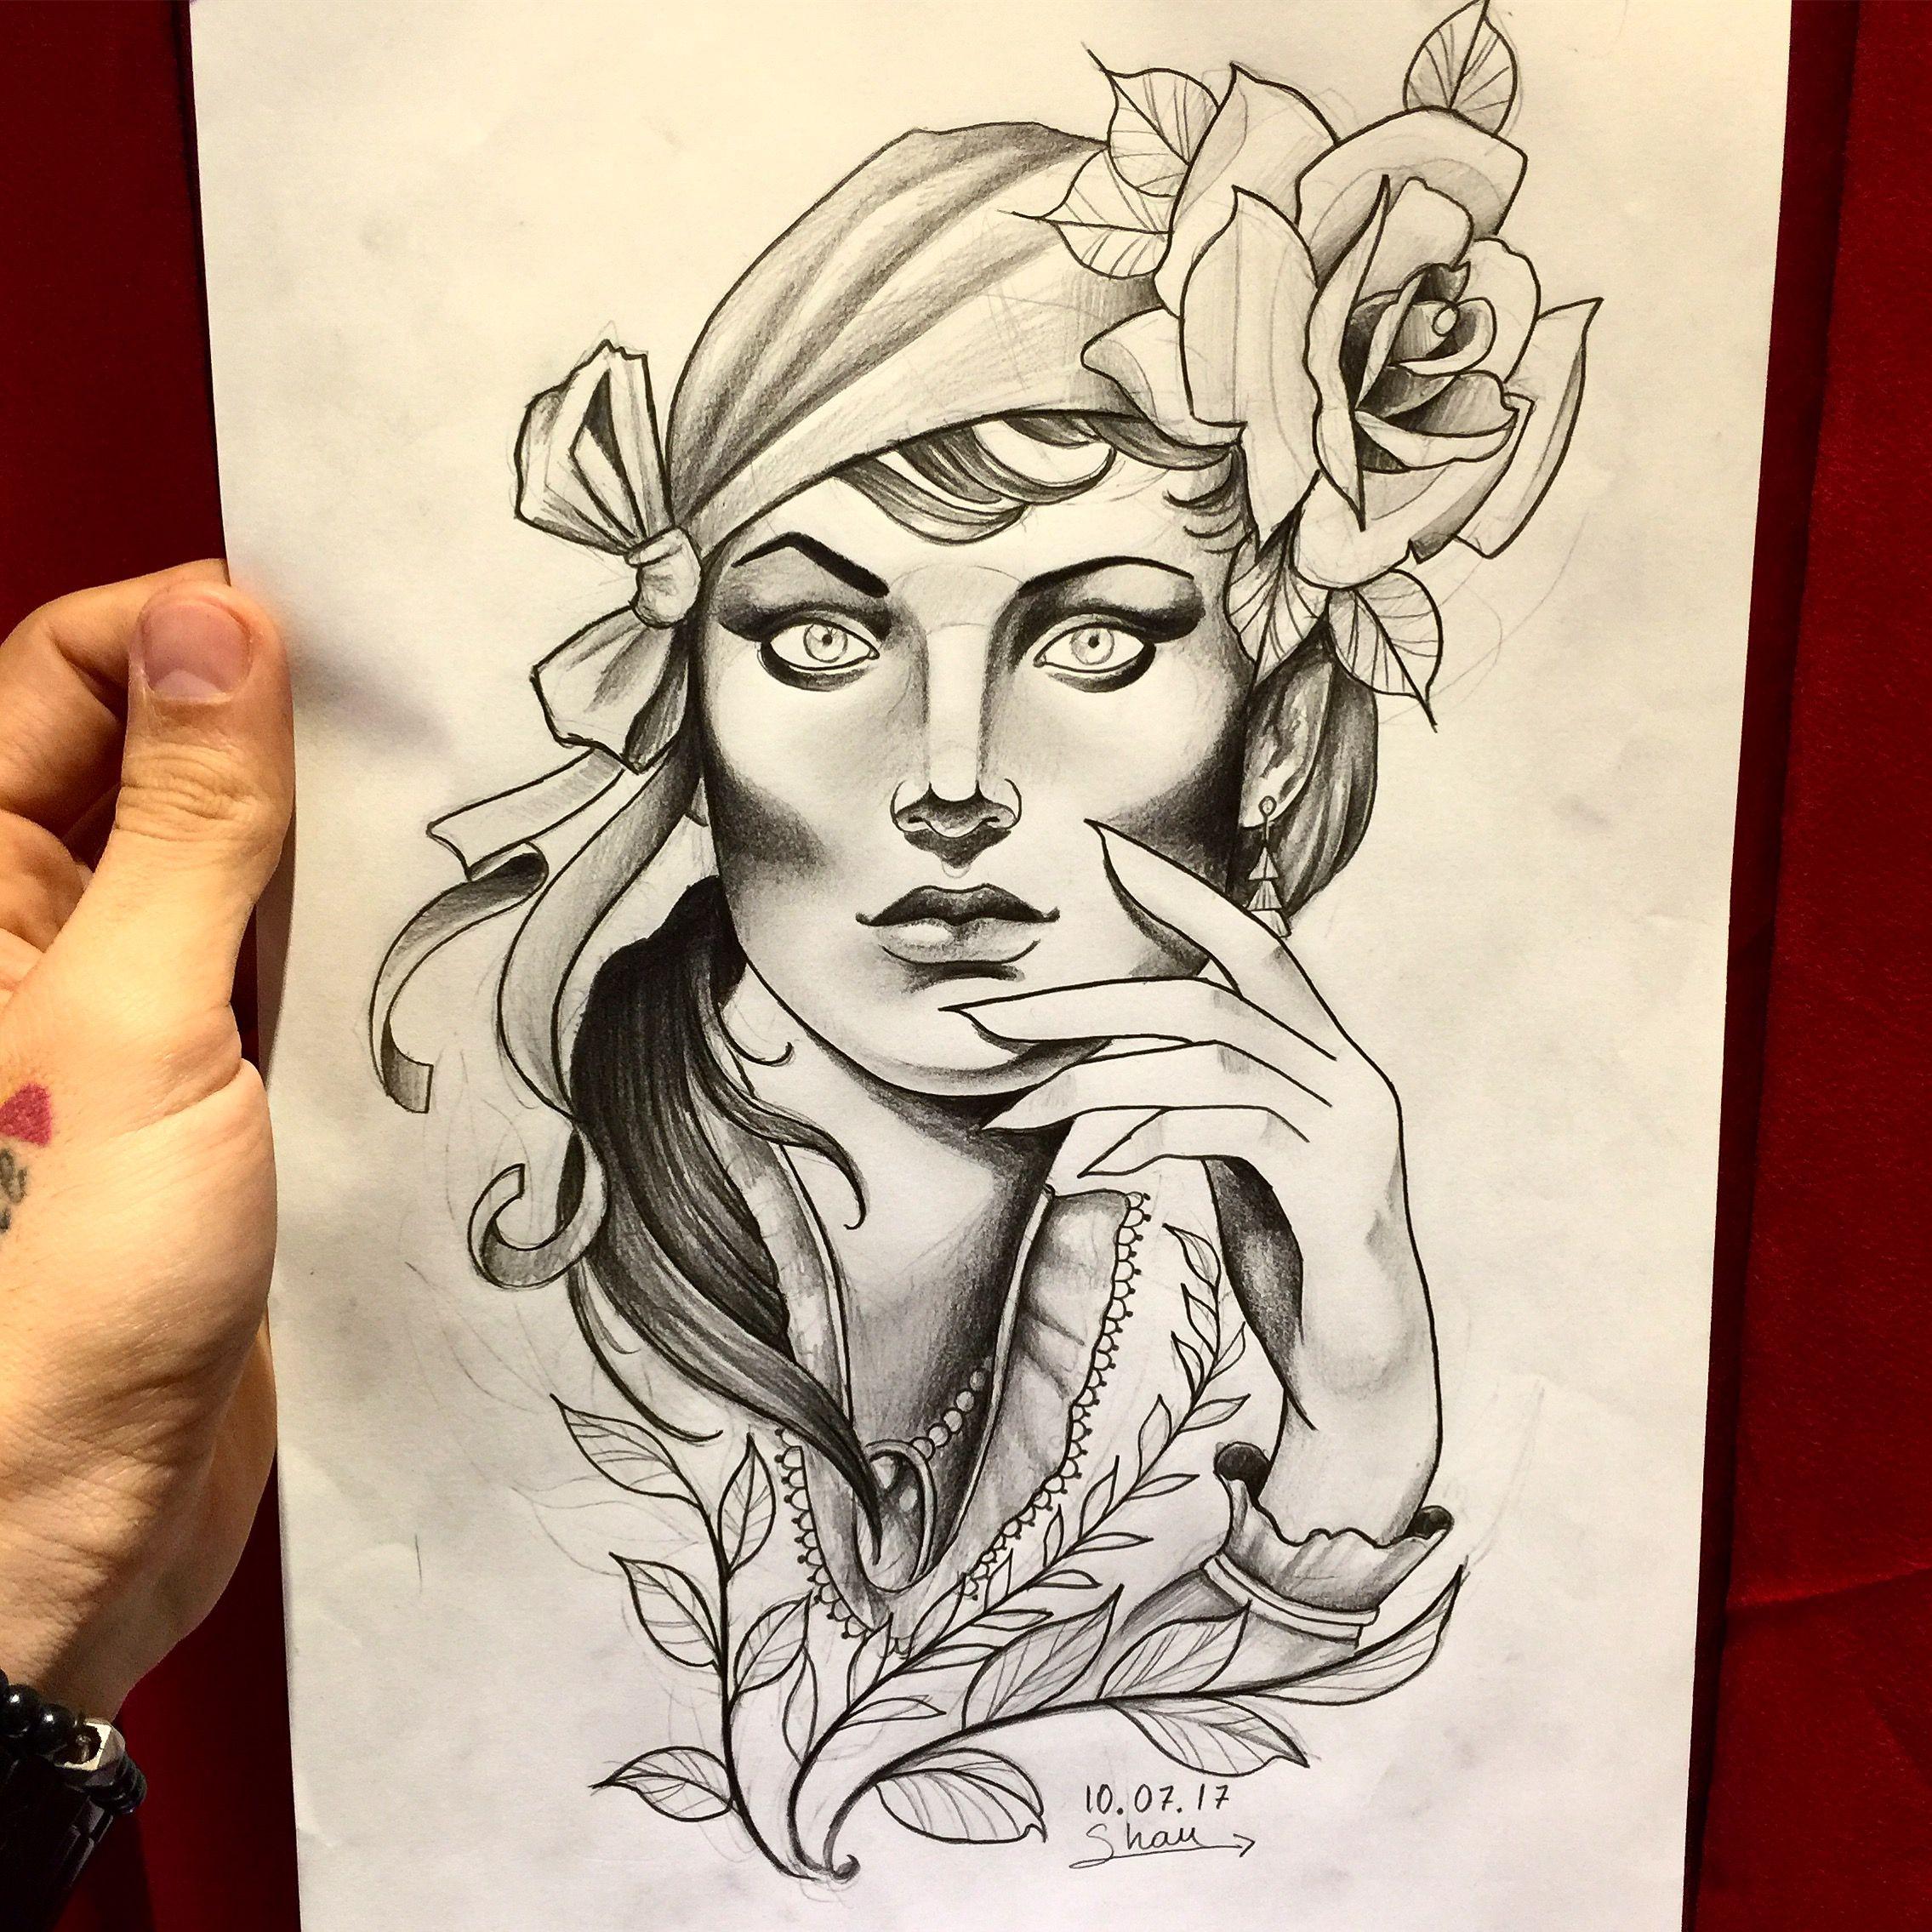 Estudo  disponível para tatuar   Ótima semana pra nós  #inspiration #inspired #inspiracao #womandrawing #neotradicional #inspirationtattoo #inspiredtattoo #draw #drawing #desenho #desenhando #shautattoo #marceloshau #rangeltattoostudio #arte #art #cigana